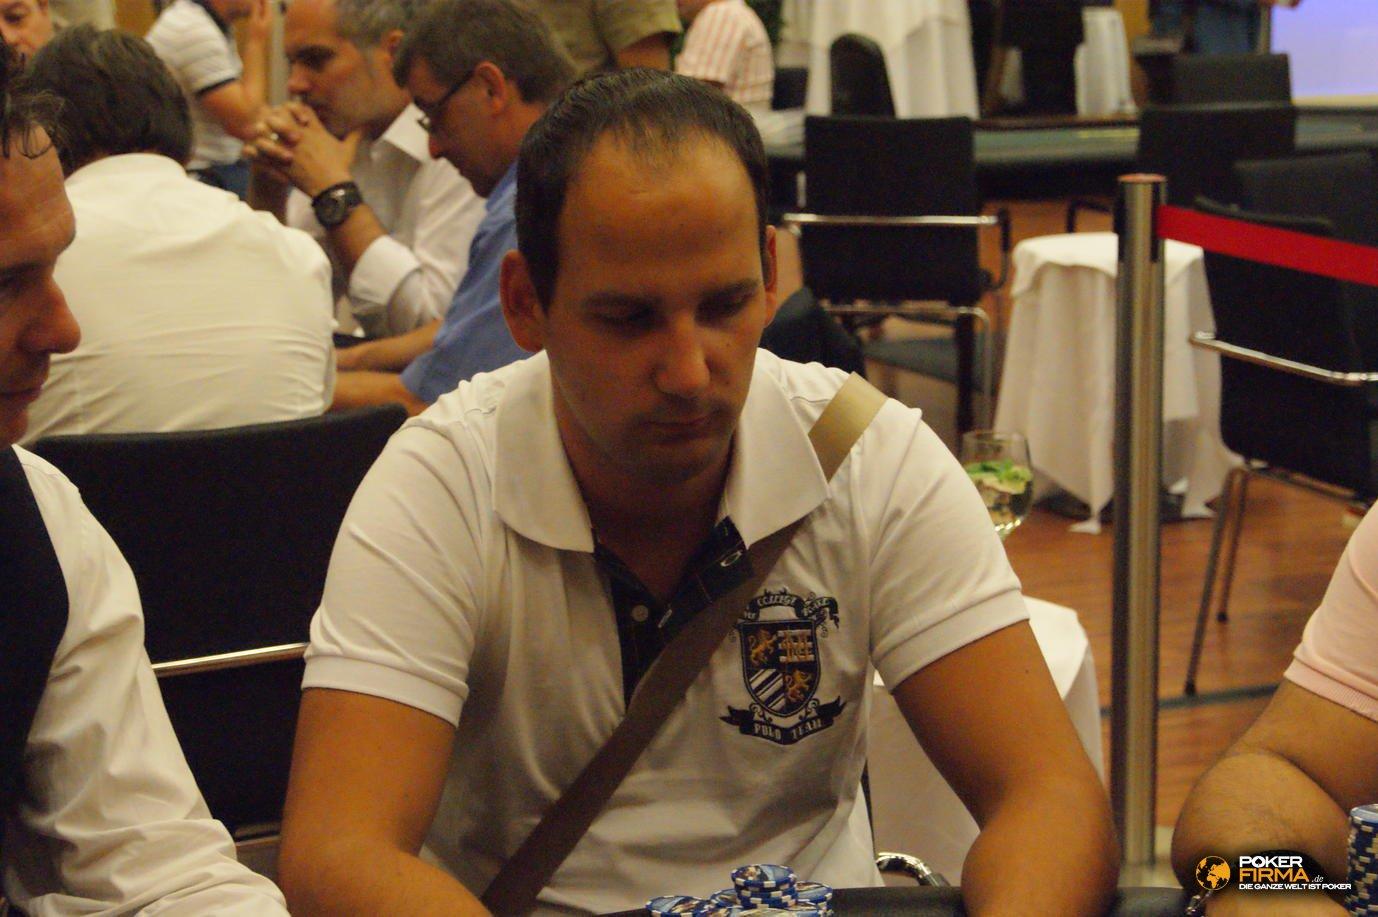 CAPT_Velden_300_NLH_FT_14072012_Thomas_Schuster.JPG